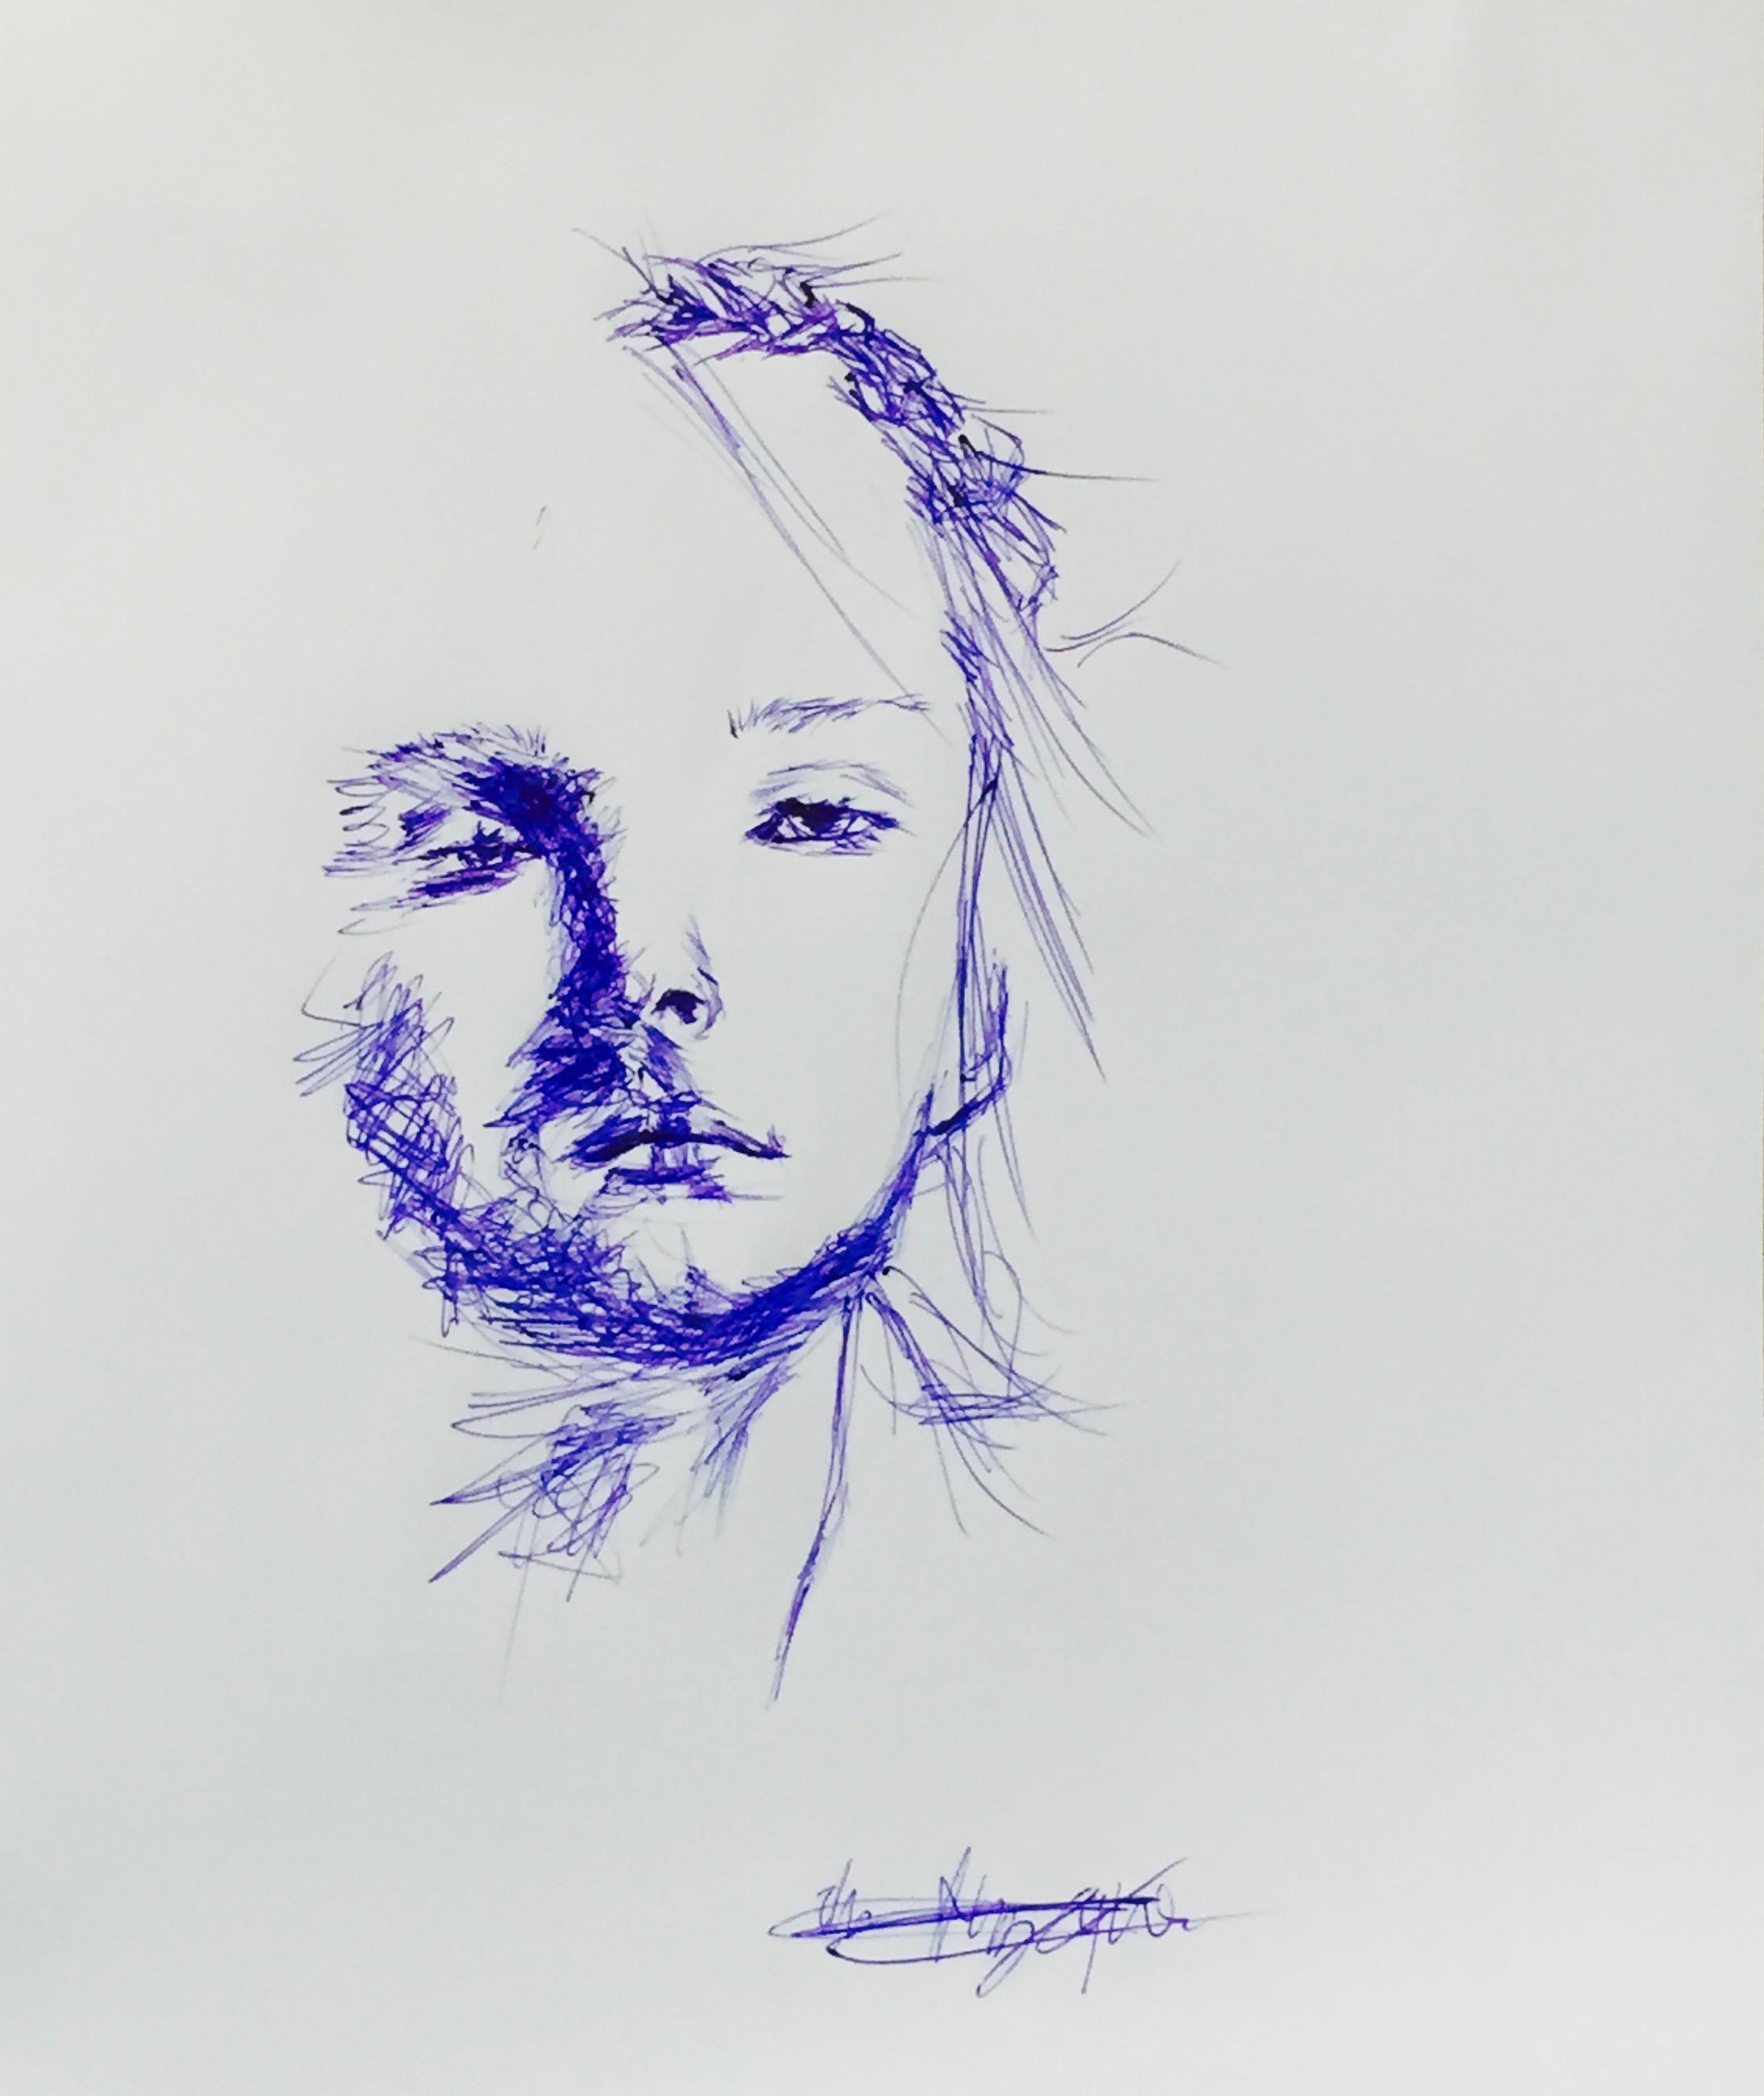 ART23